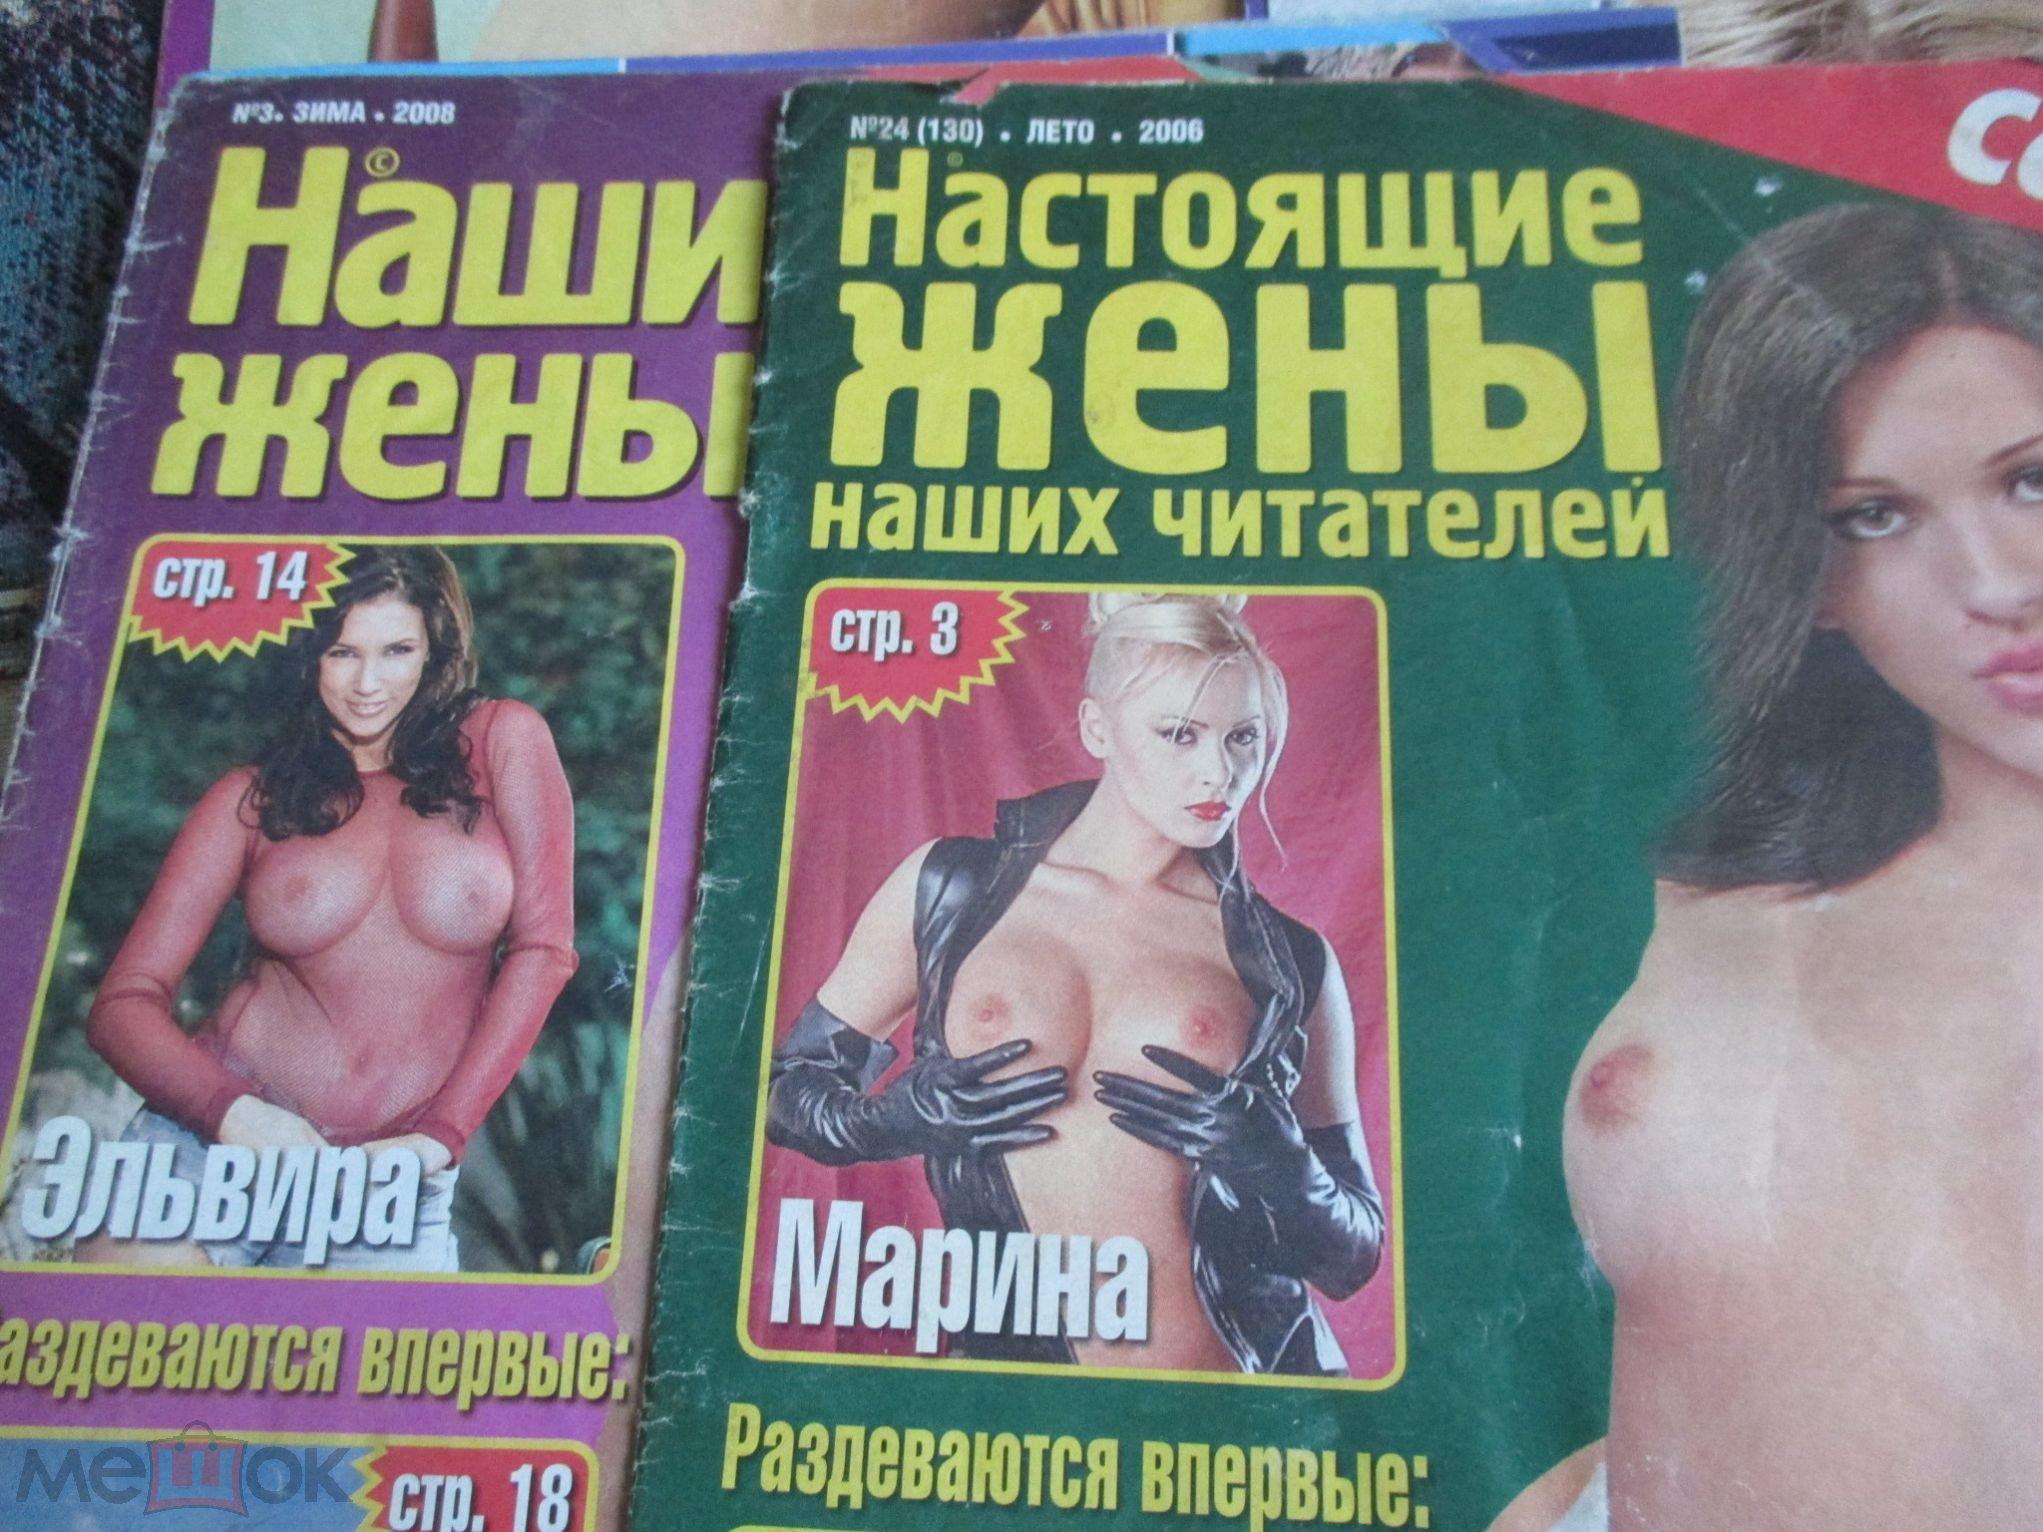 Эротический журнал название, Lascivia Magazine (Порно журналы 18) » Лучшие книги 23 фотография